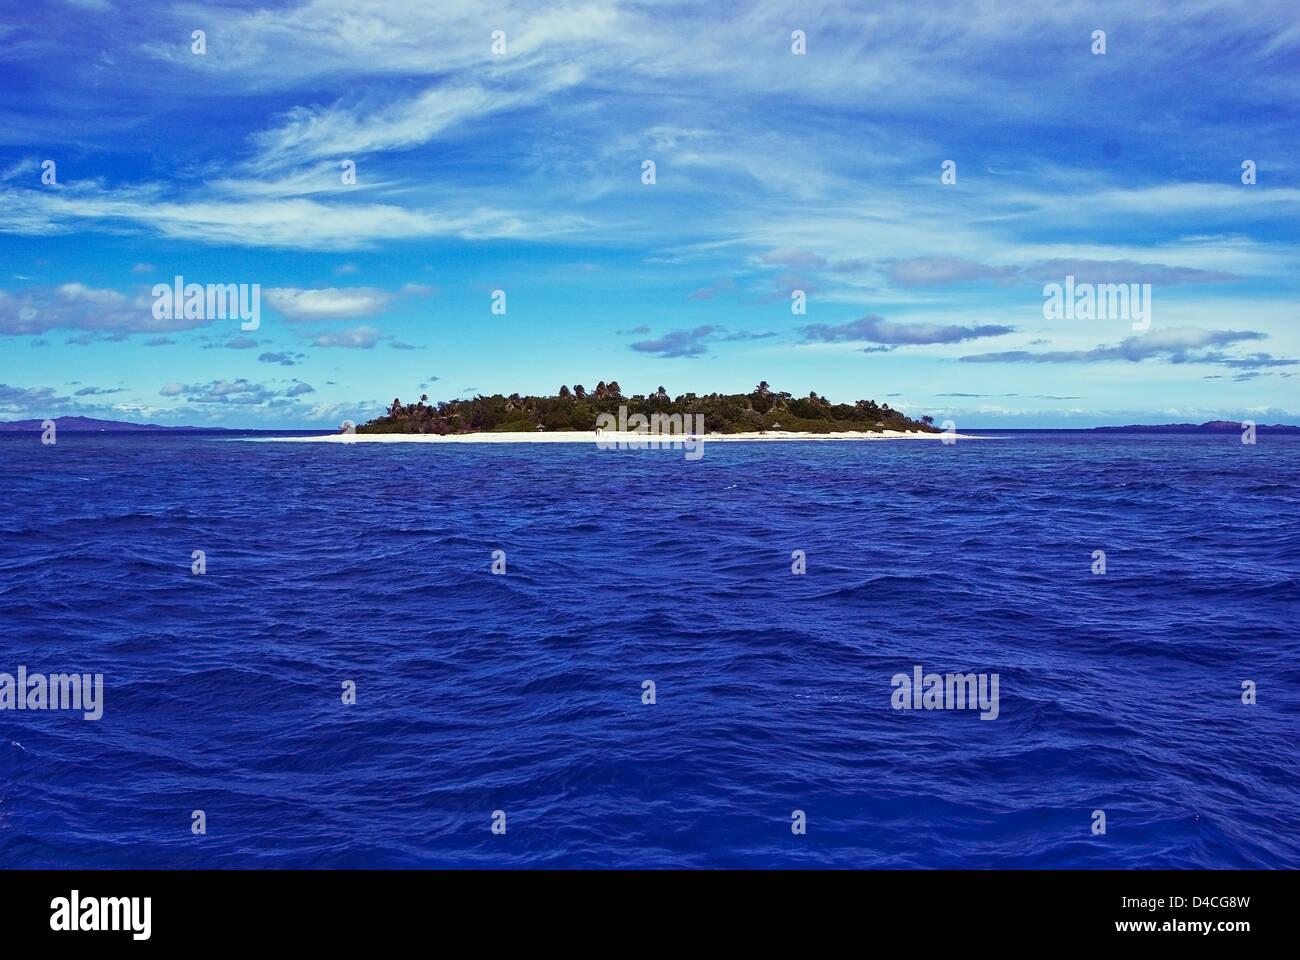 Malama Island, Fidschi Stockbild